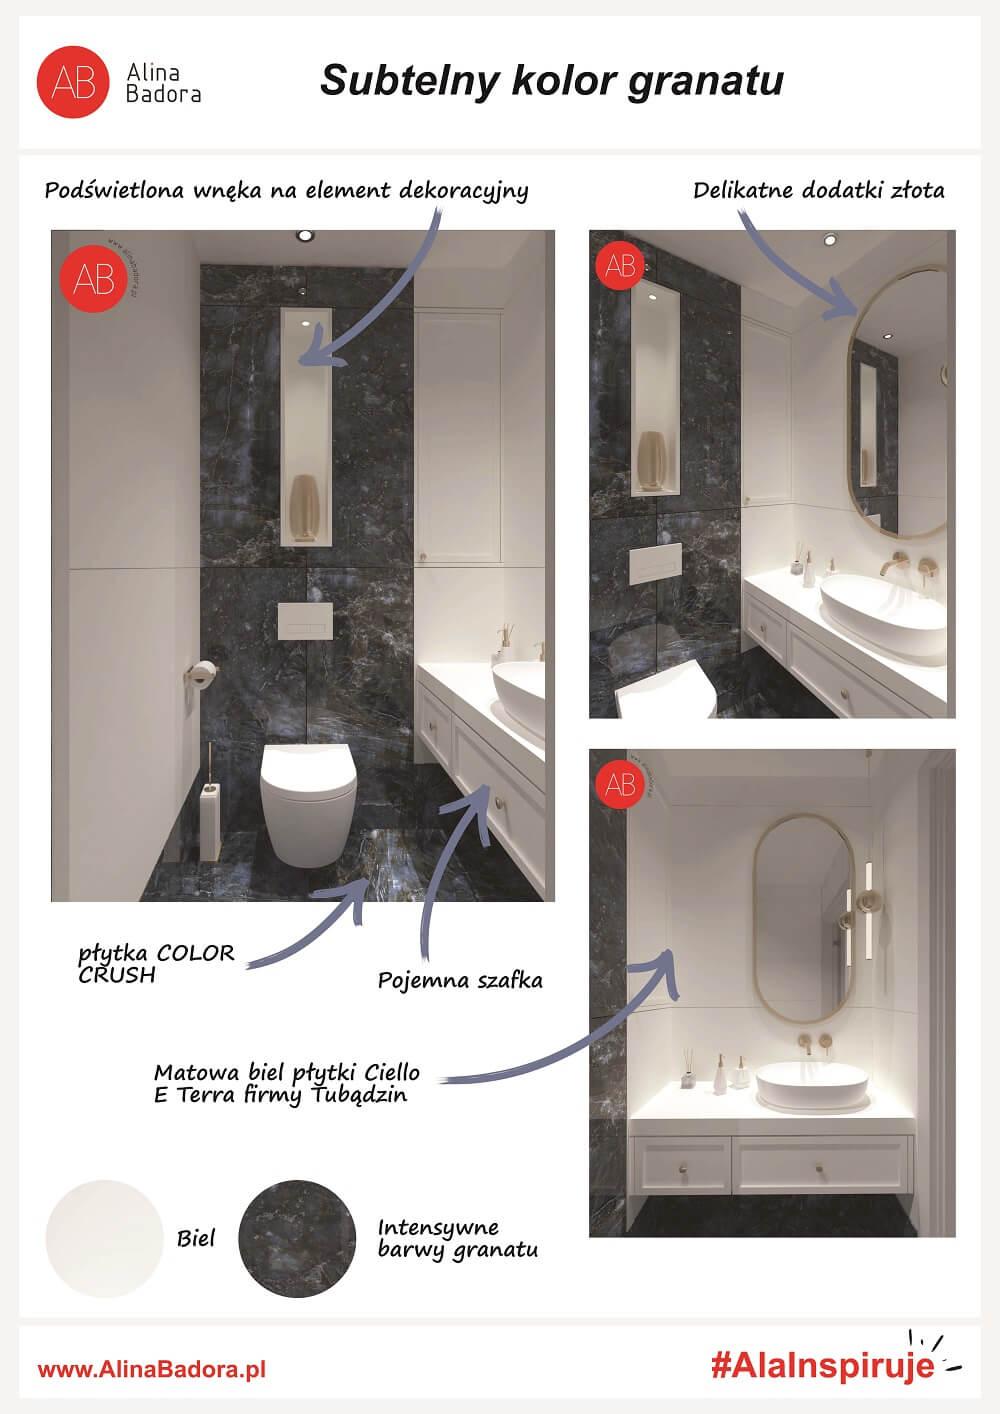 Ala Inspiruje - łazienka w subtelnym odcieniu granatu